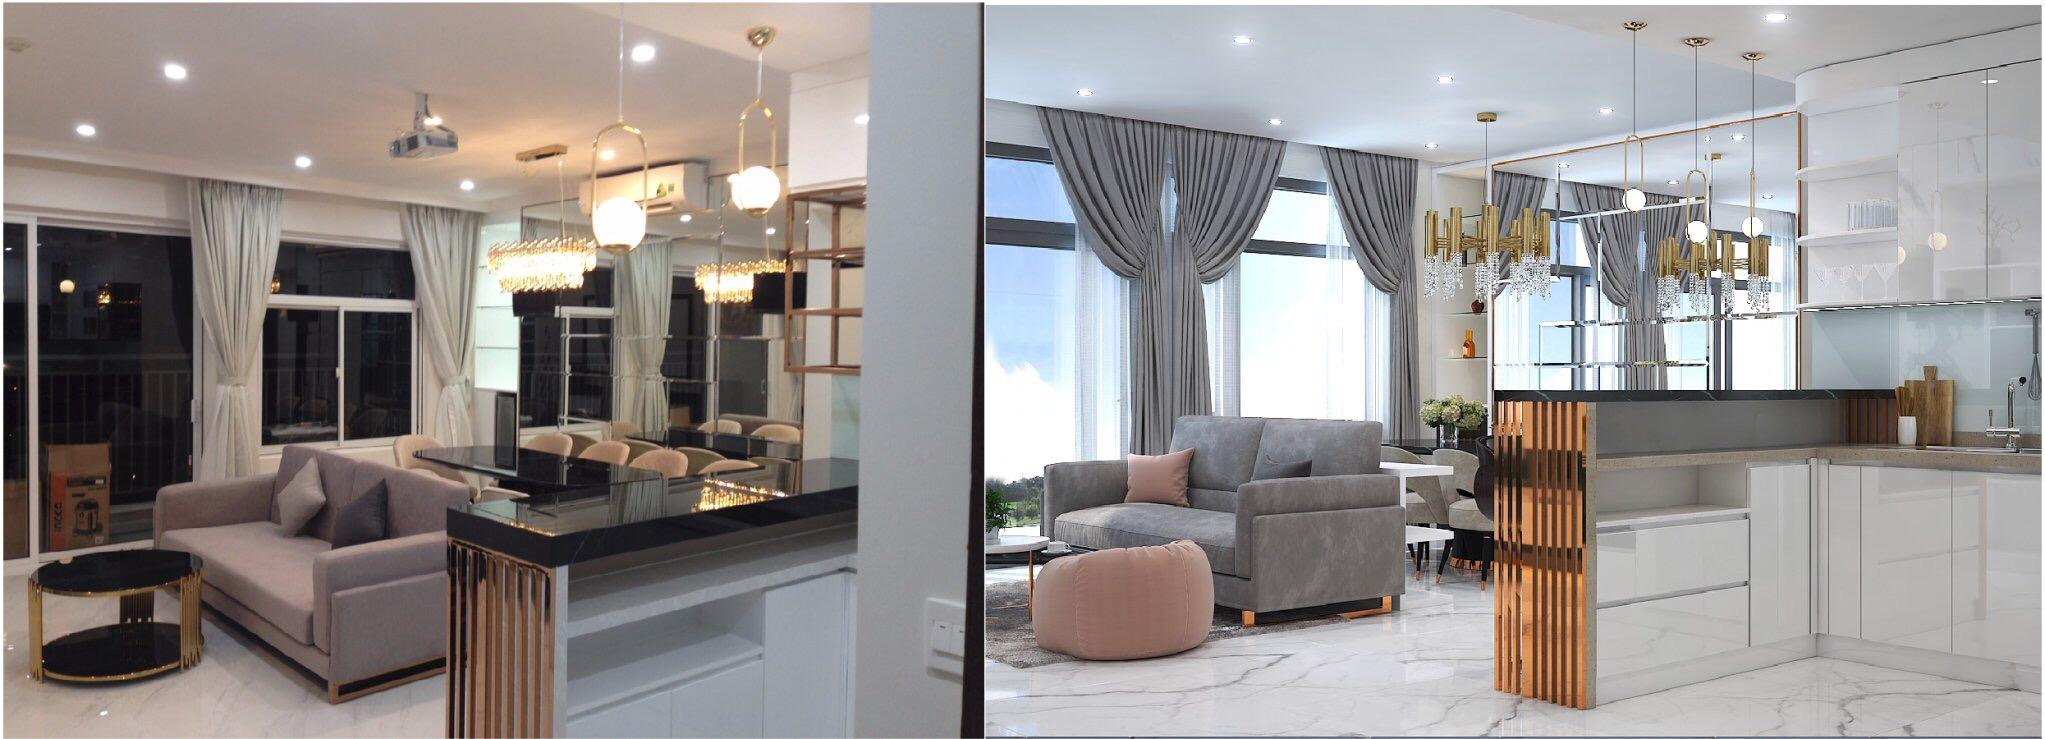 thiết kế nội thất chung cư tại Hồ Chí Minh Căn hộ 3 1563261239